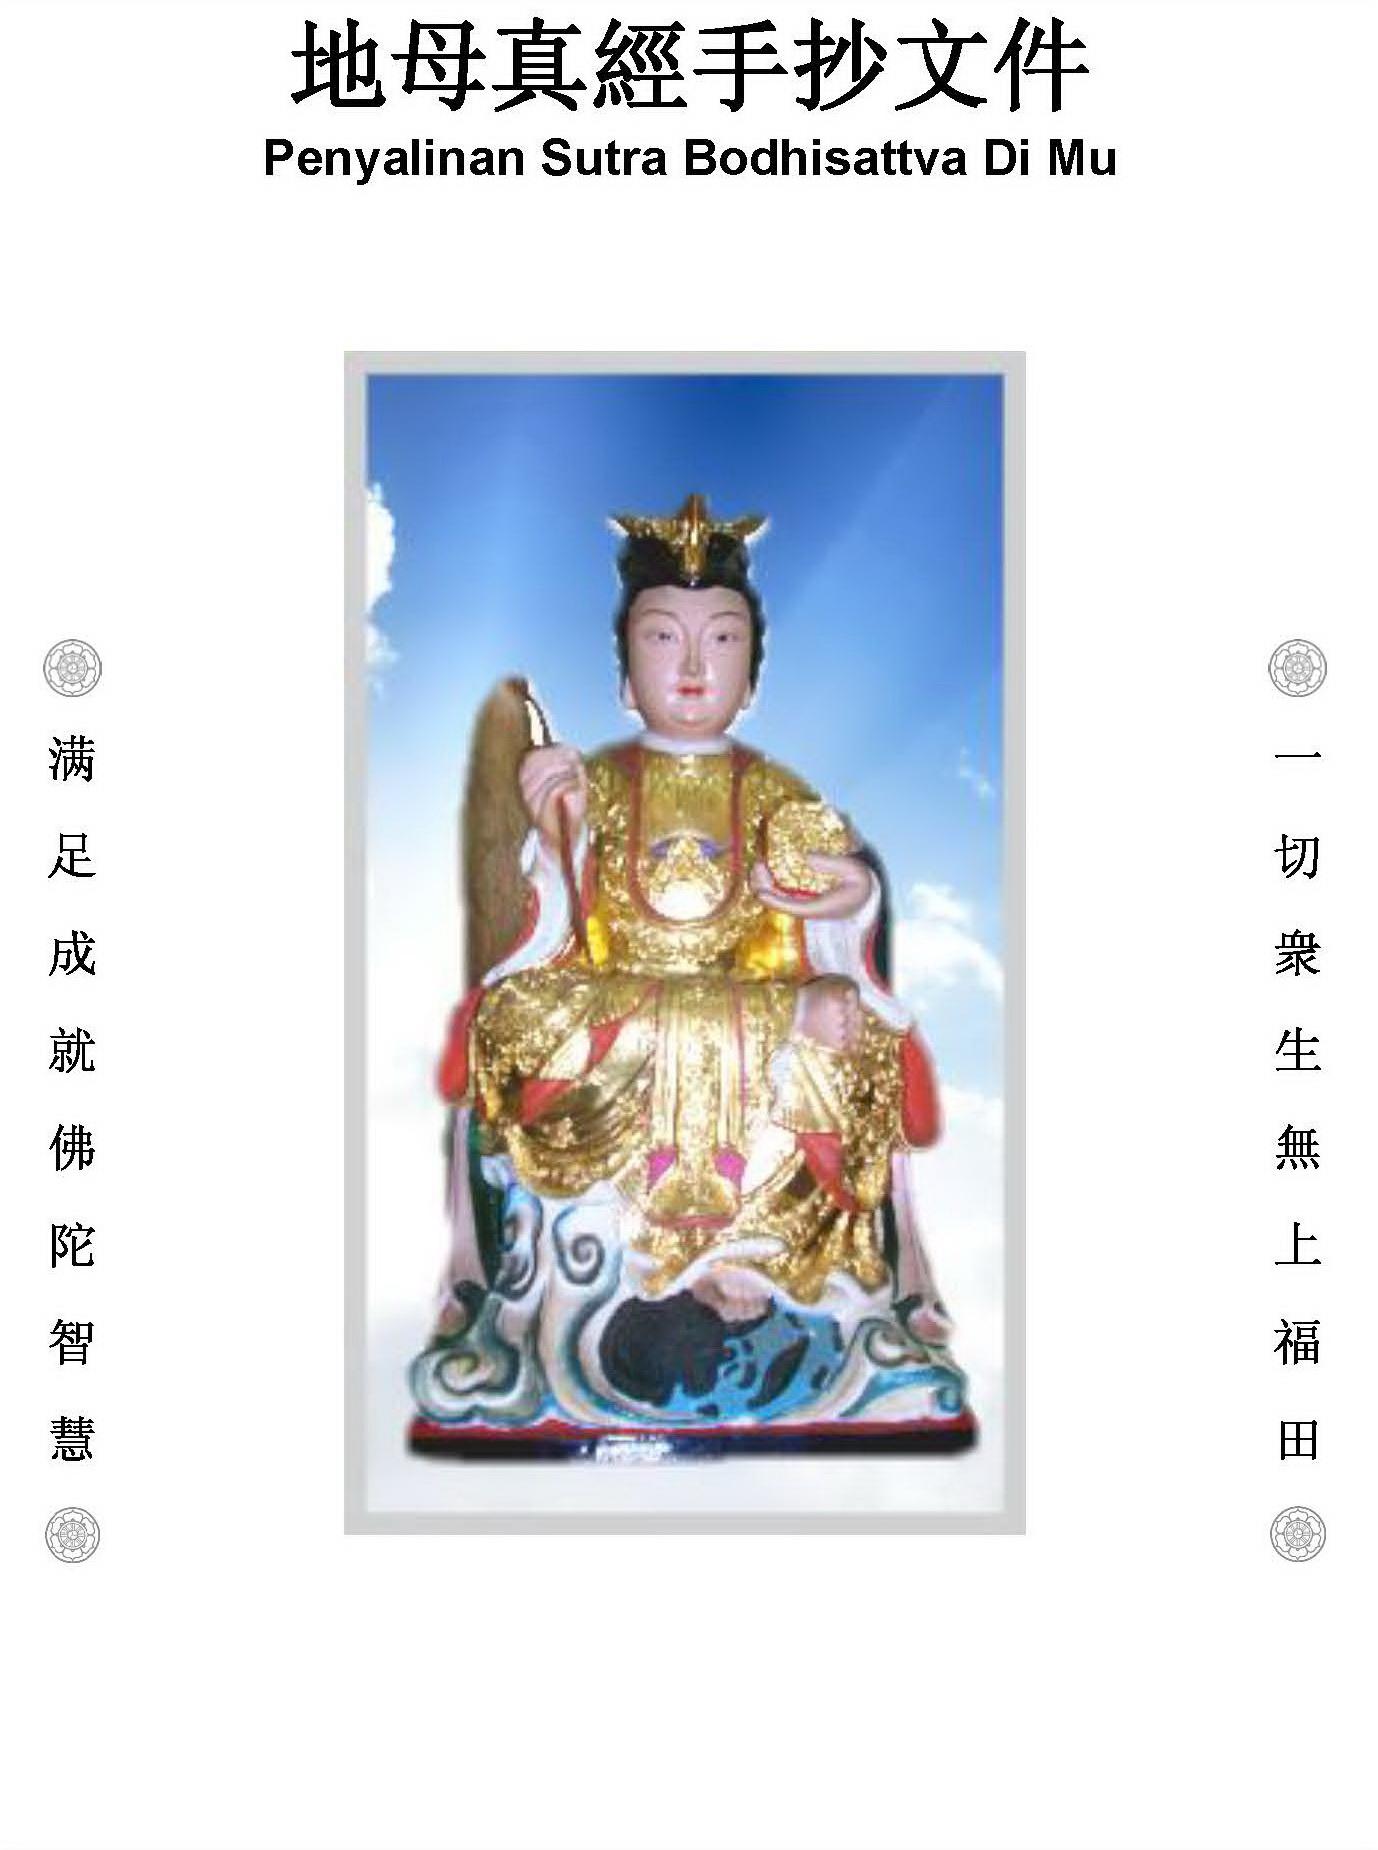 Penyalinan Sutra Bodhisattva Di Mu Versi Kedua